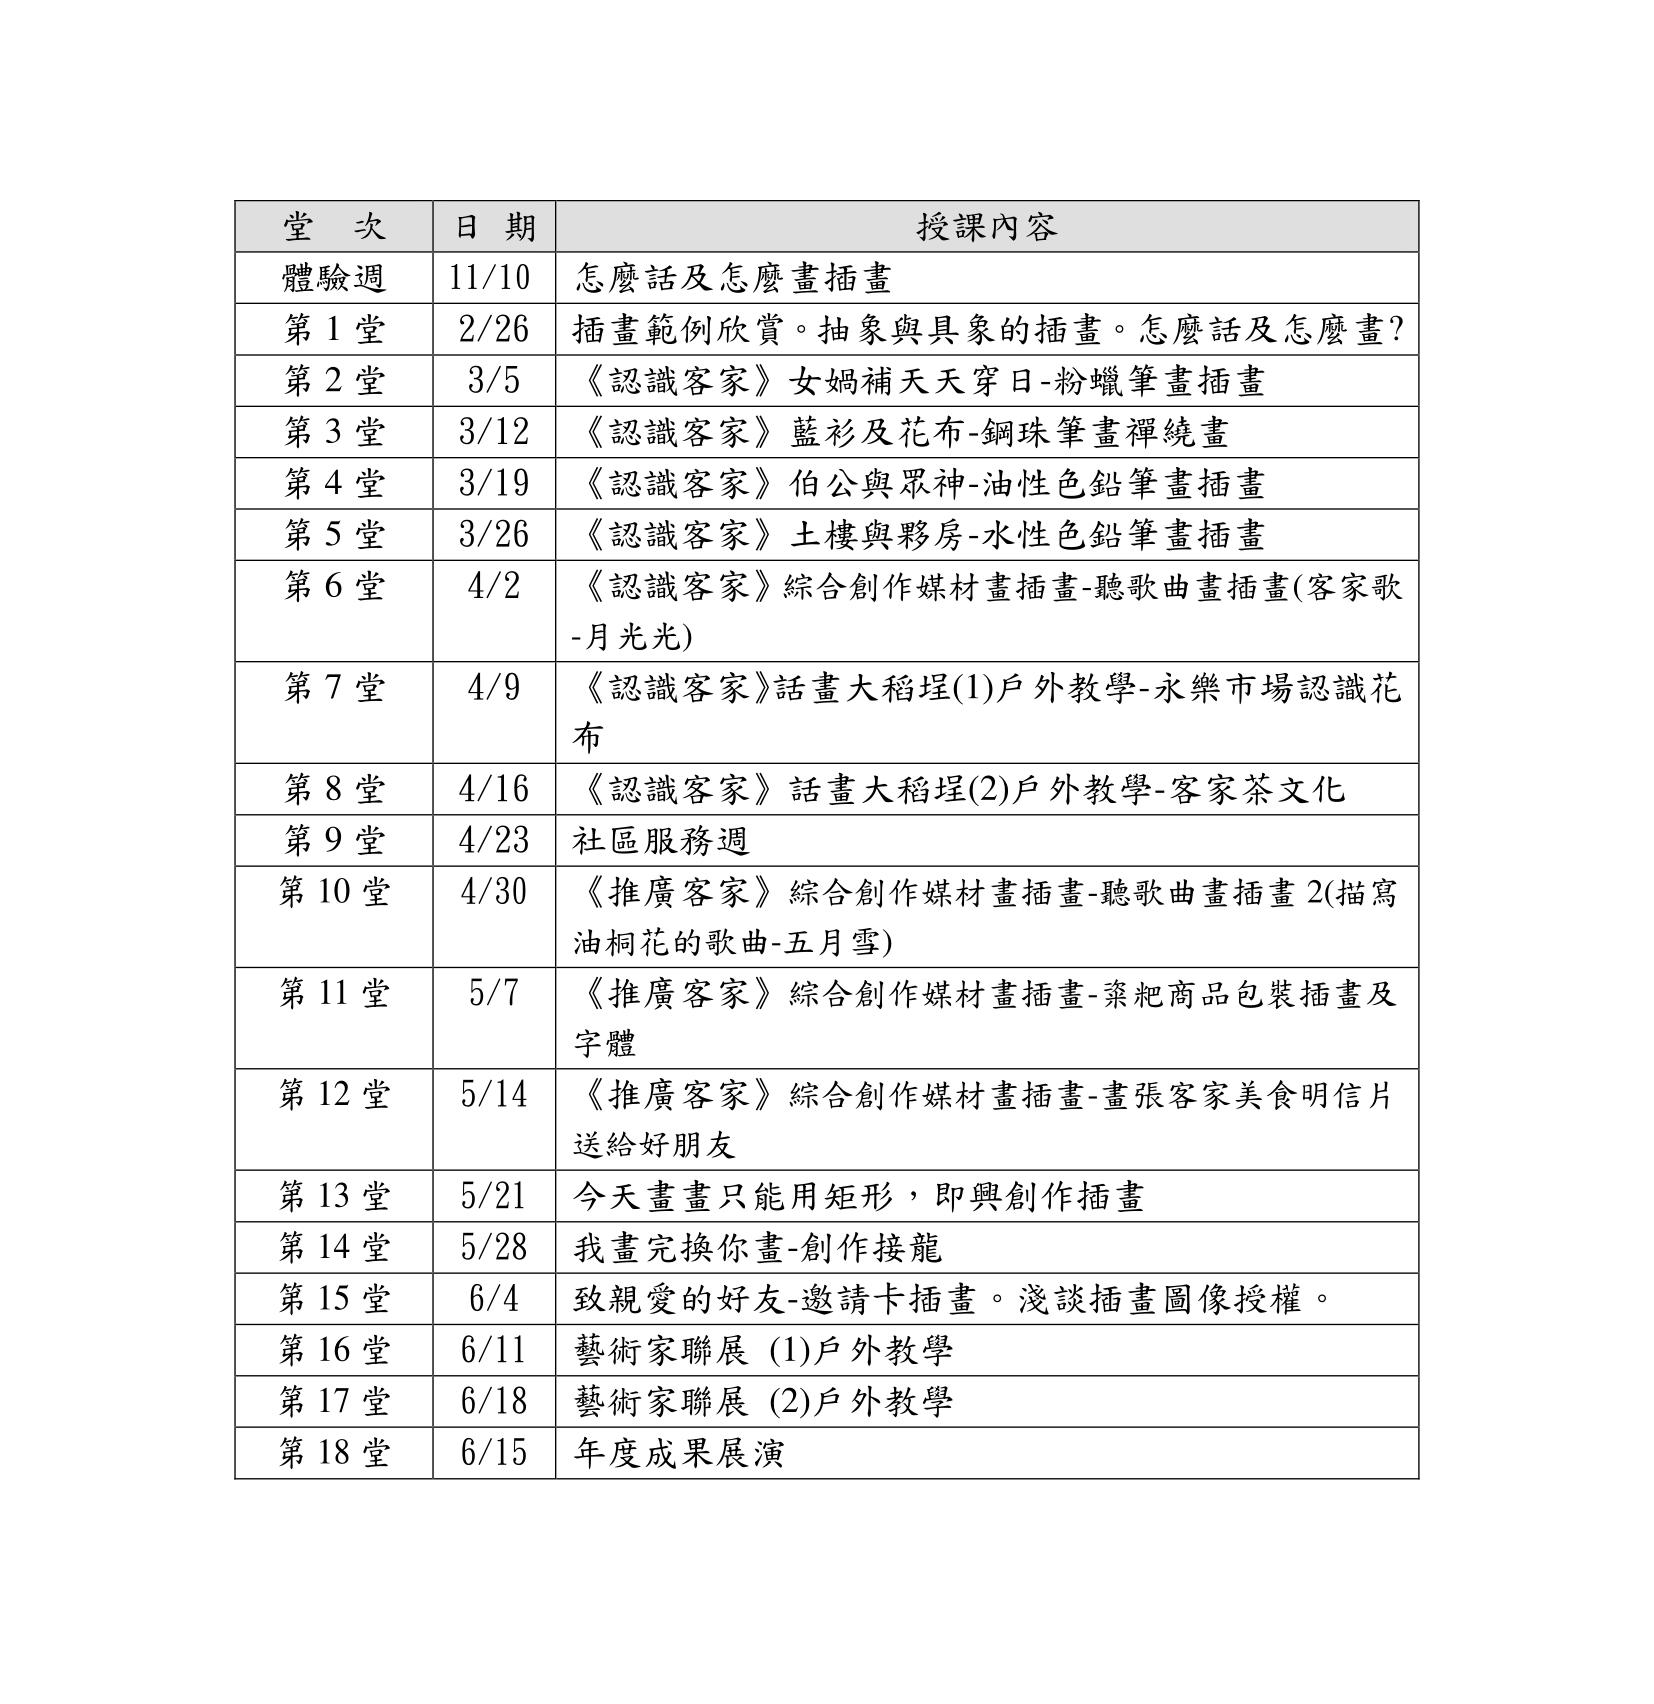 單堂課程表-02.png